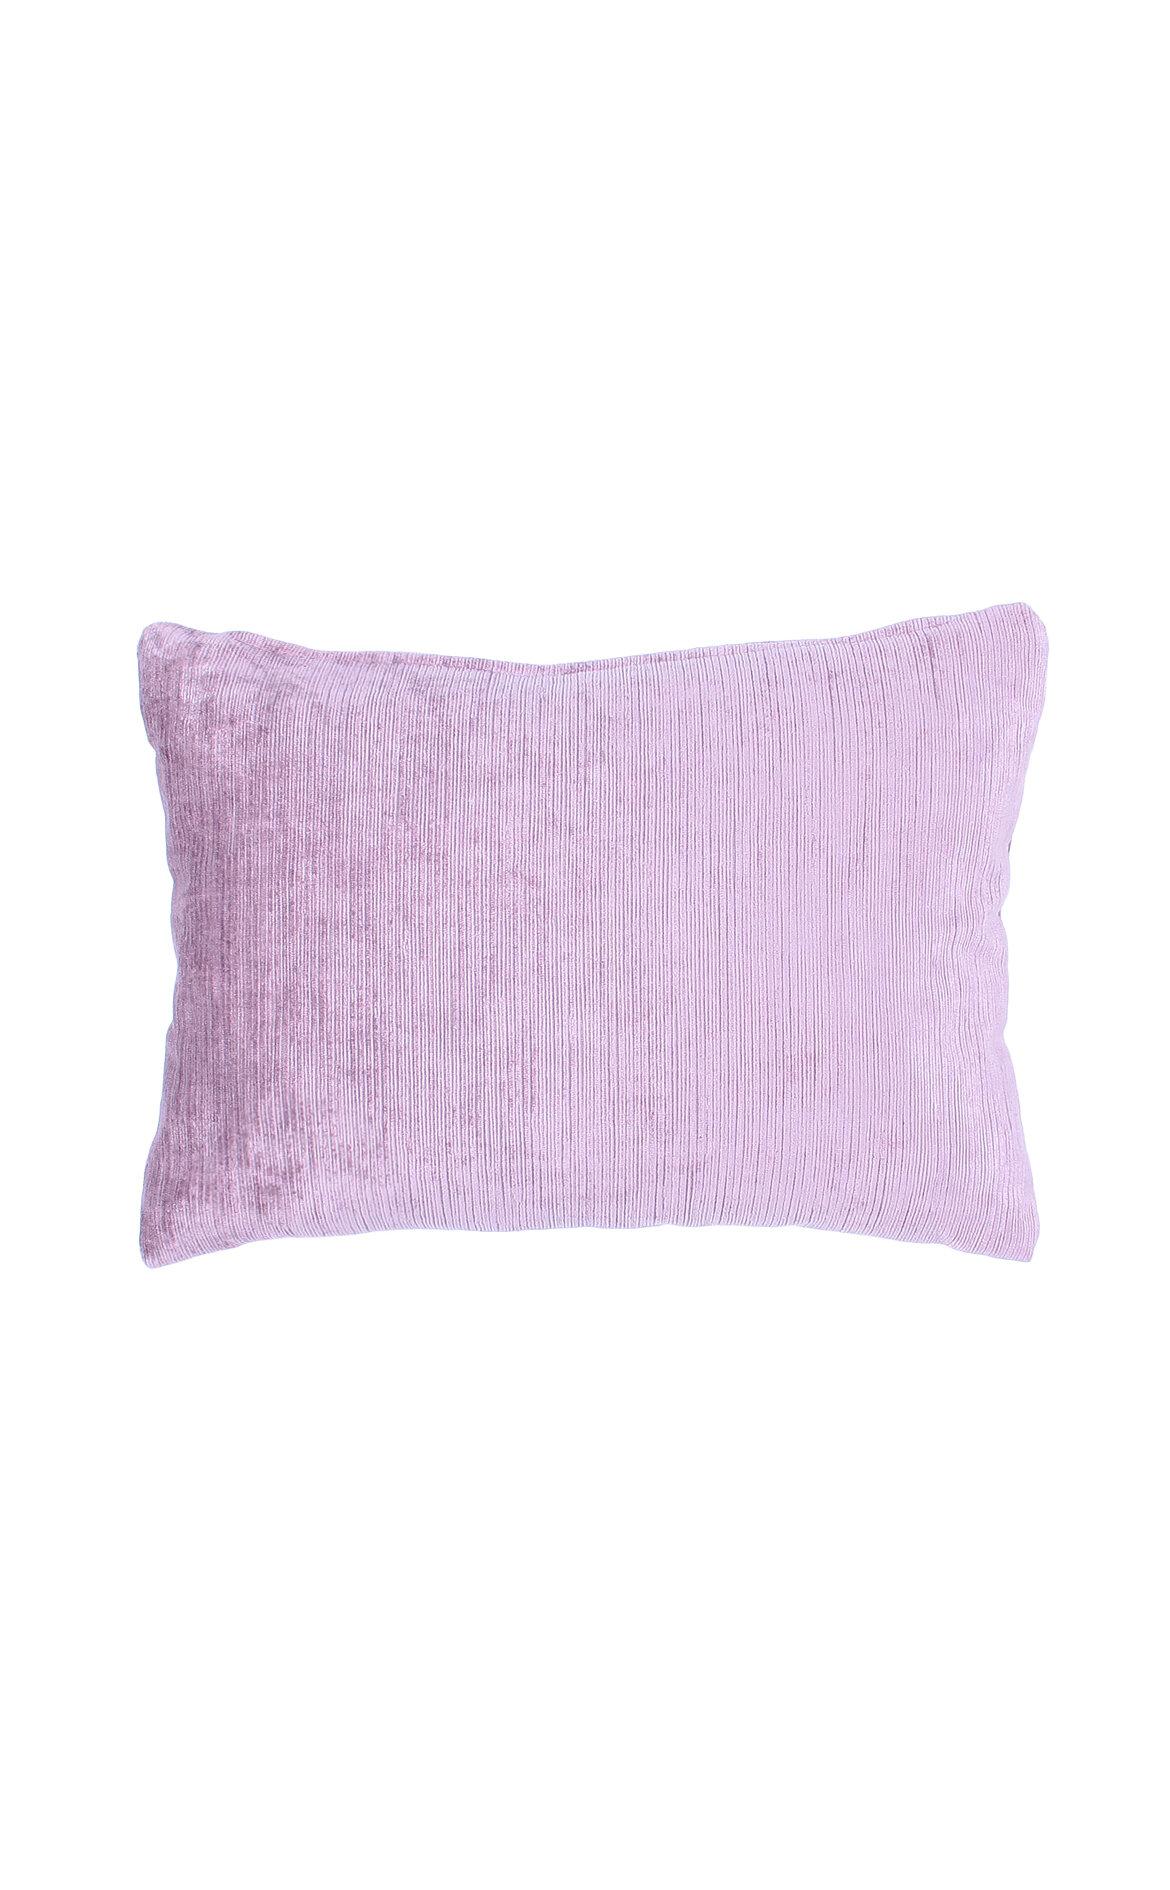 Laura Ashley-Laura Ashley Wvn Velvet Villandry Amethyst 30X40 cm Dekoratif Yastık